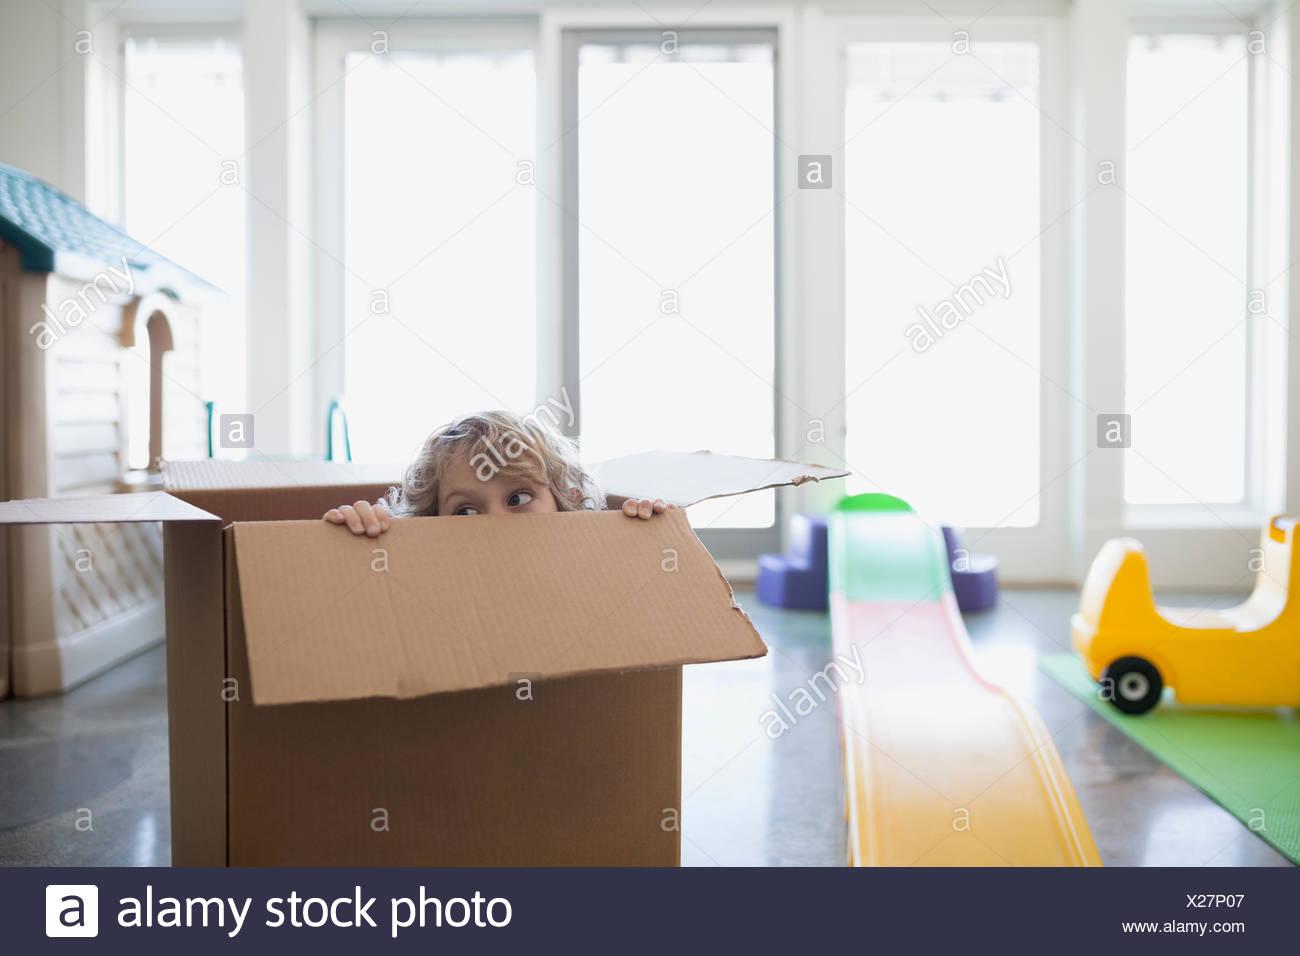 Ragazzo nascosto in una scatola di cartone Immagini Stock